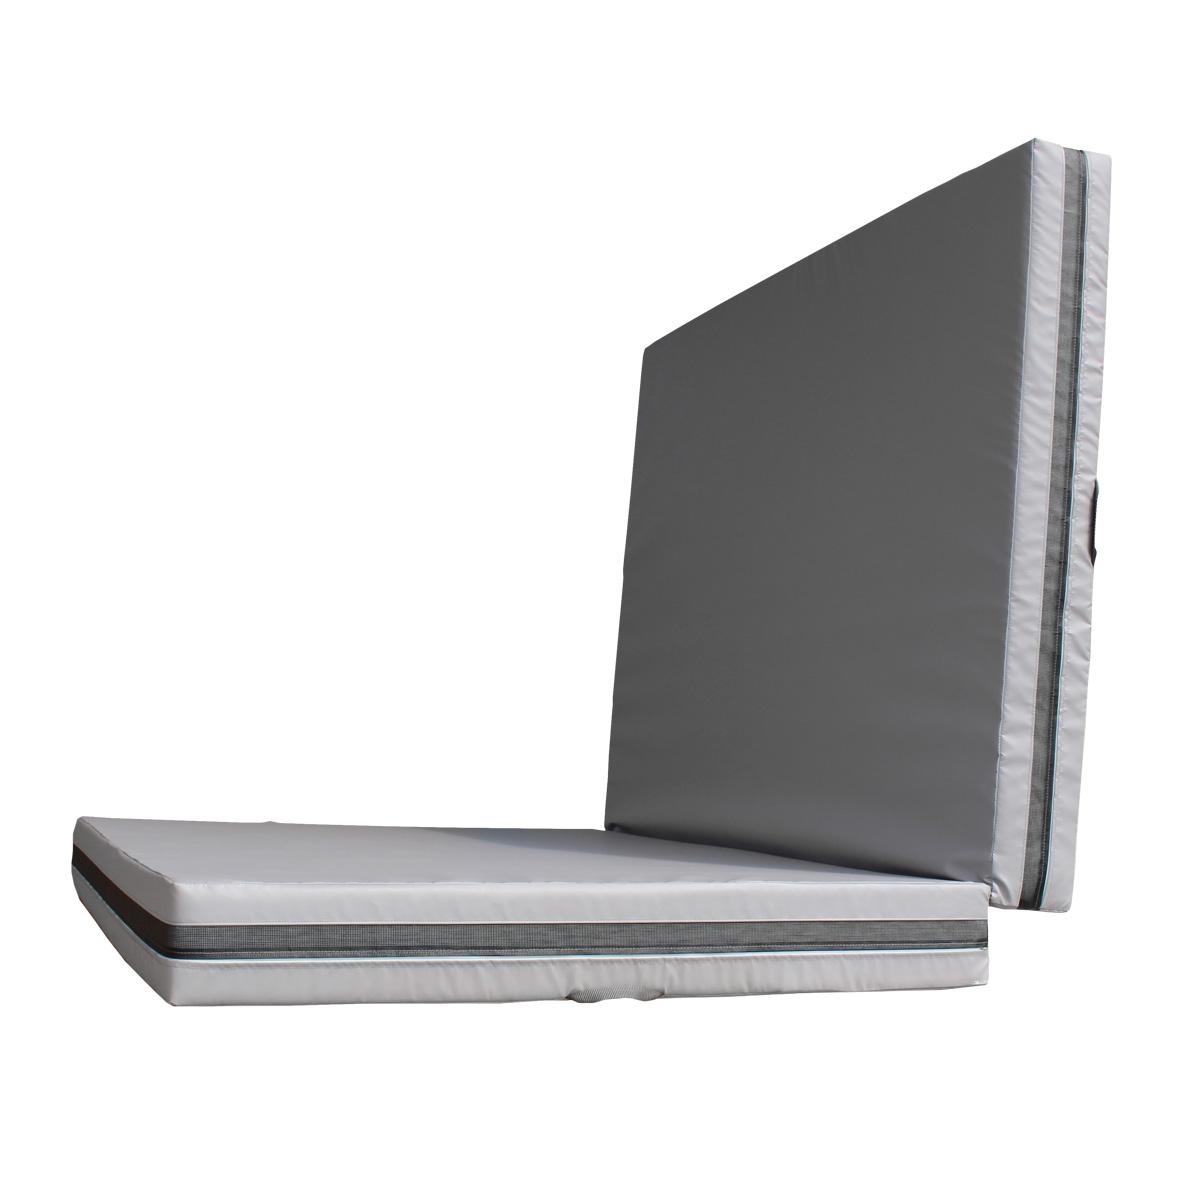 Dopadová skladacia žinenka MASTER T21 - 300 x 200 x 20 cm - sivá